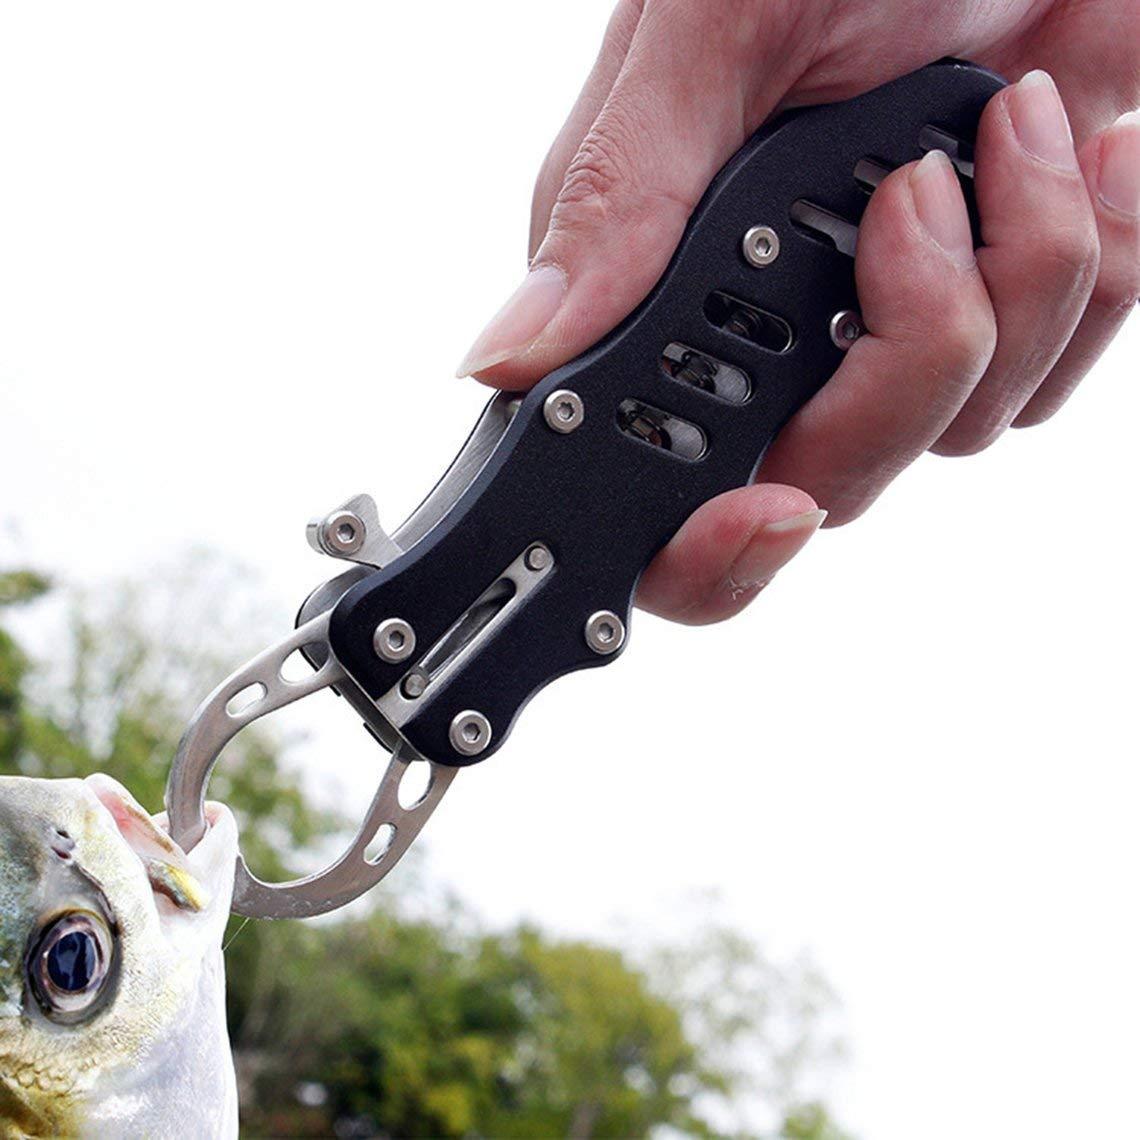 Zinniaya Herramienta de Agarre de Pesca port/átil de Agarre de Pescado Grip agarrador de Pesca de Acero Inoxidable Controlador de Pinza Plegable Accesorios de Pesca